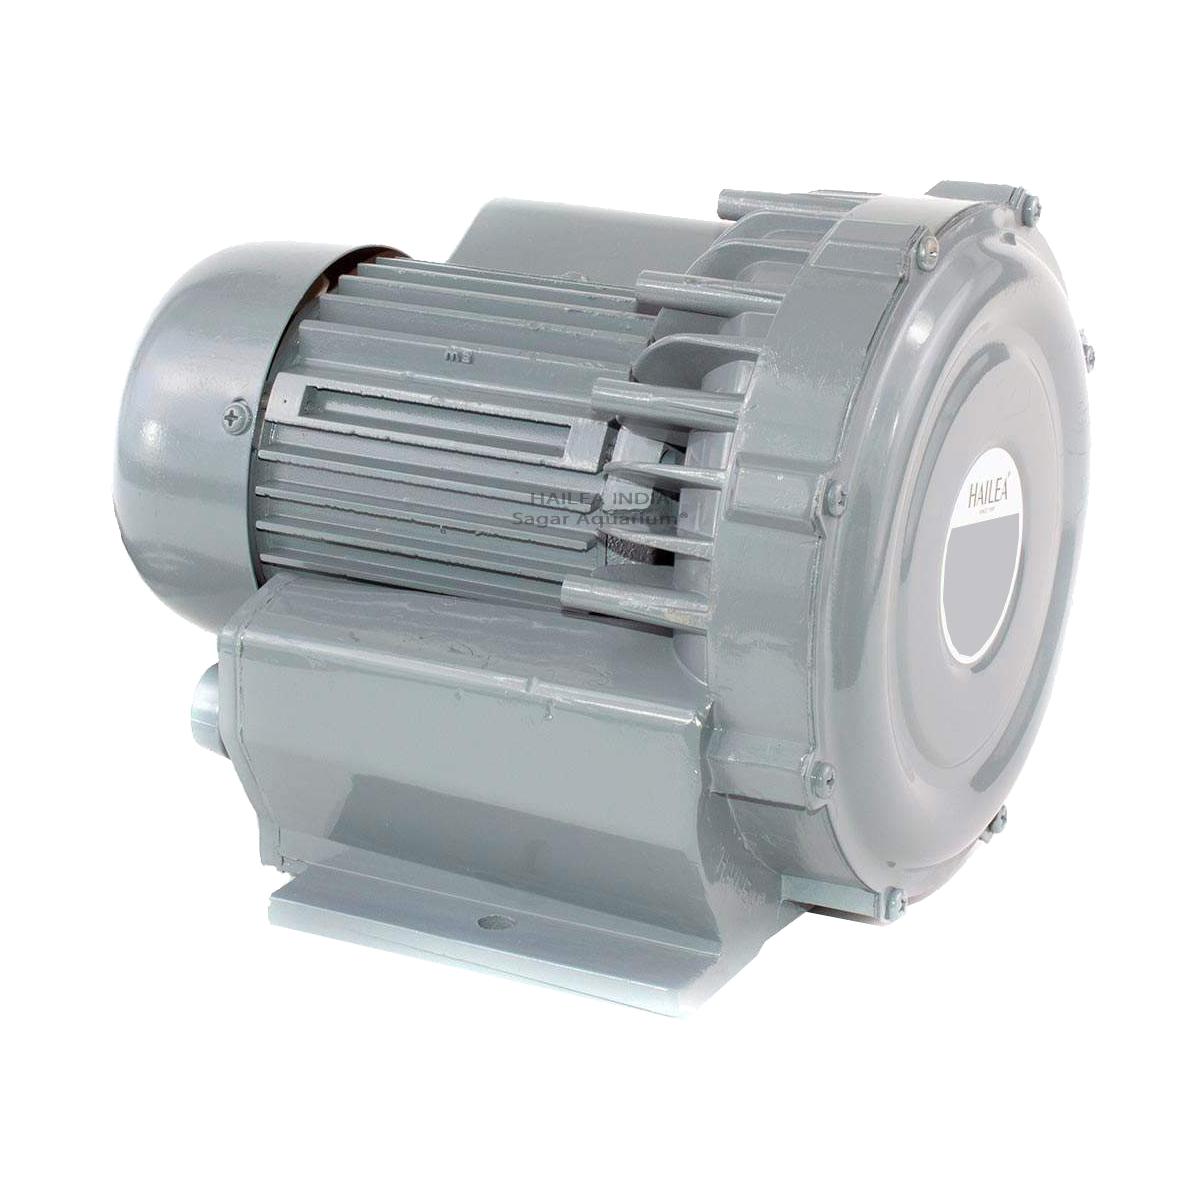 Hailea VB-390G Vortex Blower Powerful Air Pump 500 L/min